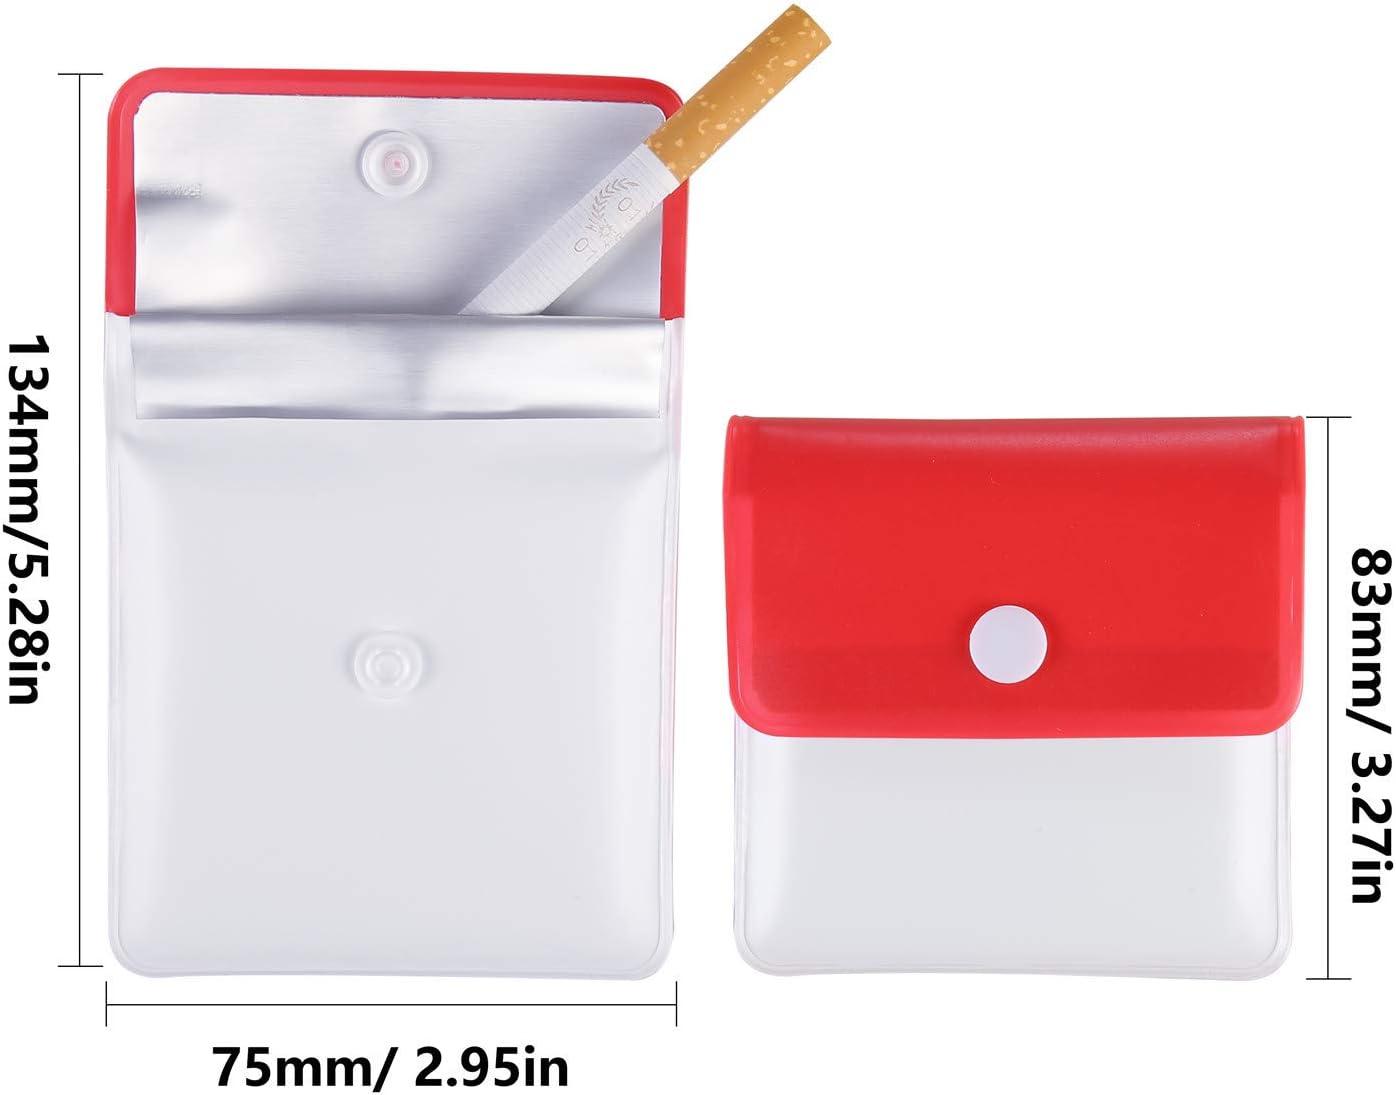 Compatto Odore a Prova di Fuoco Posacenere portatili PVC Ignifugo Inodore Tasca per Attivit/à allaperto in Viaggio Colori Assortiti Annhao 10 Pezzi Tasca posacenere Astuccio in Polvere